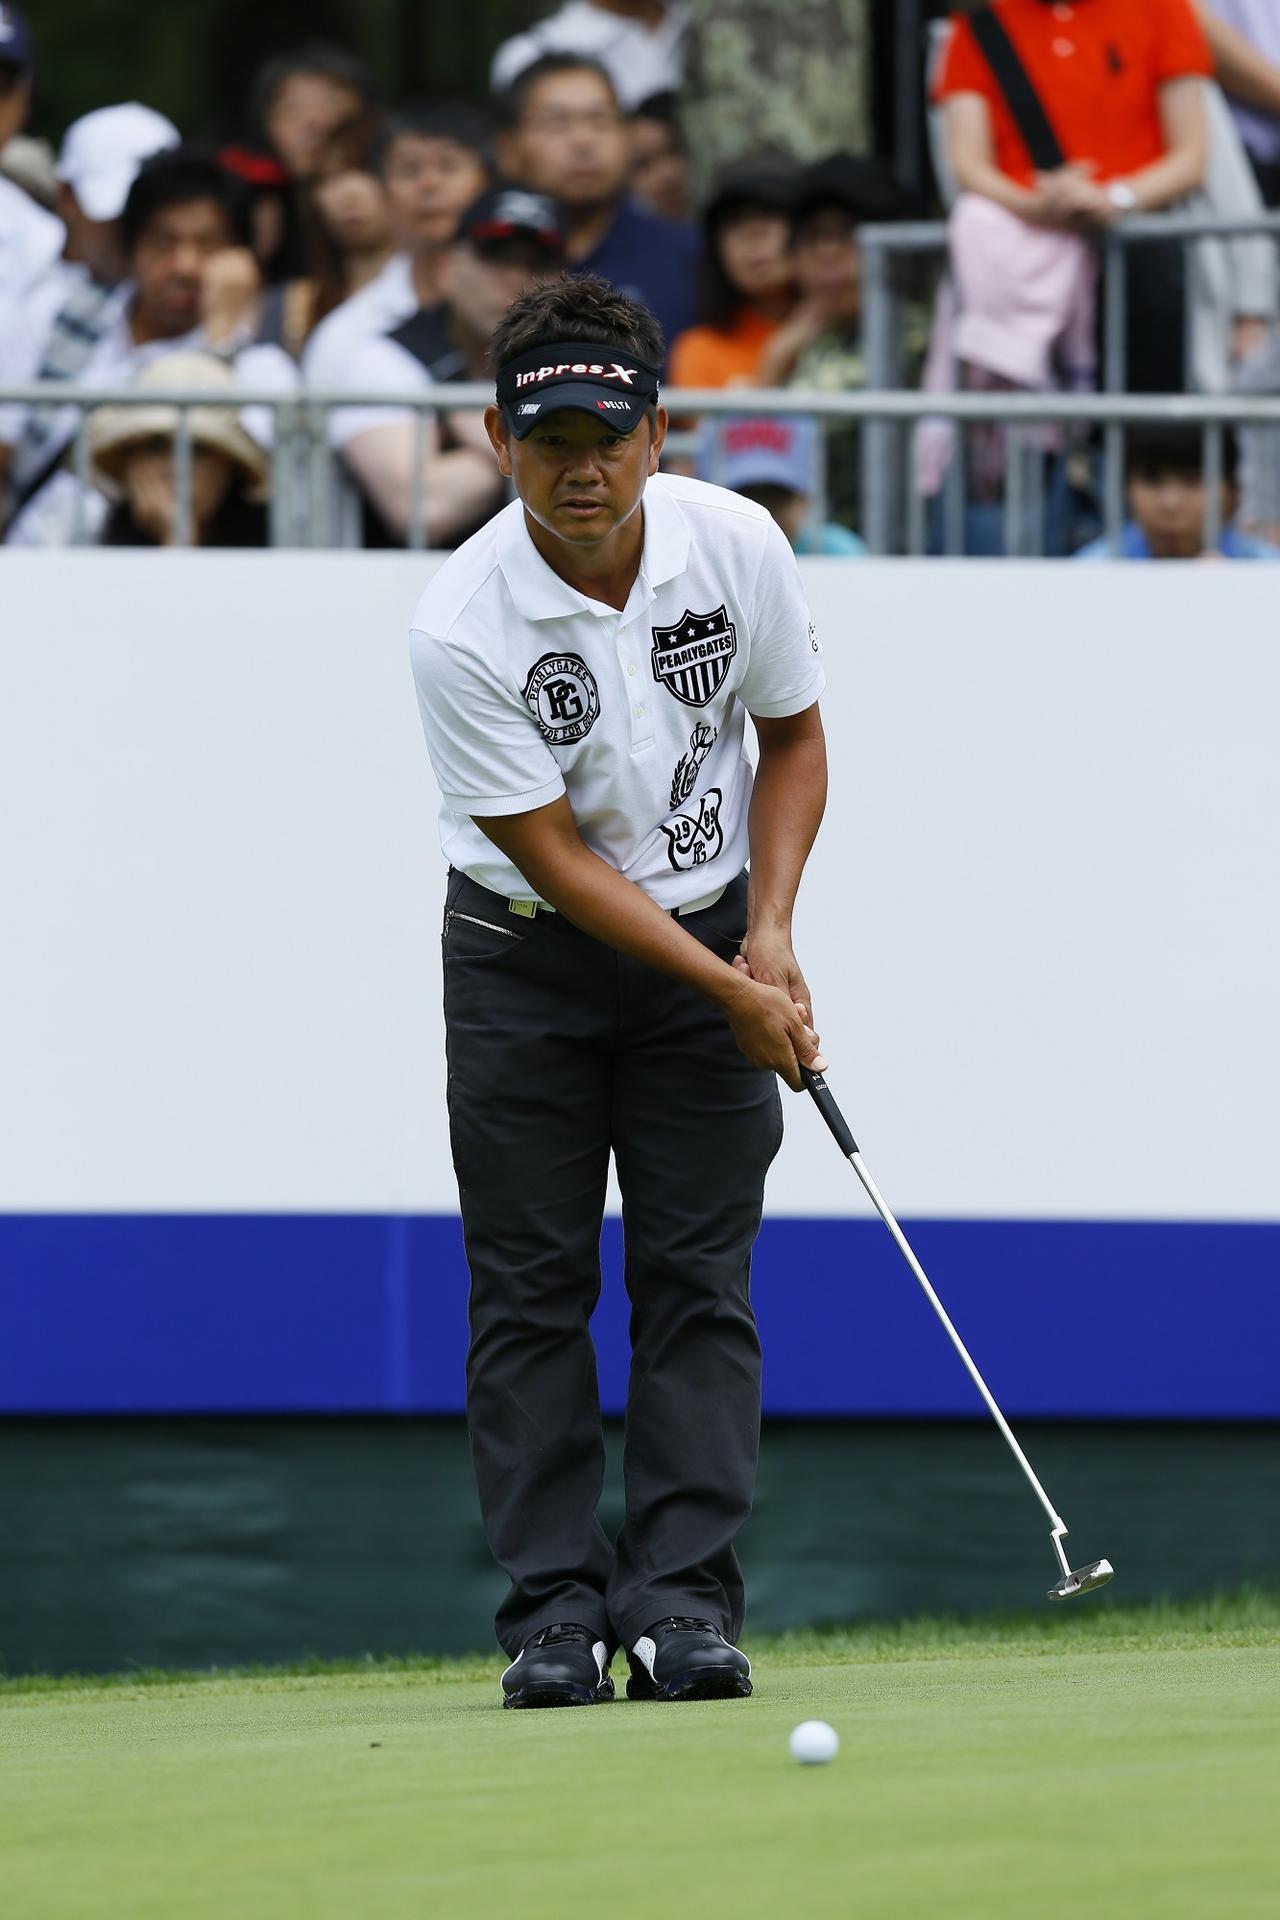 画像: カップとボールを結んだ後方線上で素振りをする藤田寛之プロ。距離感がつかみやすい